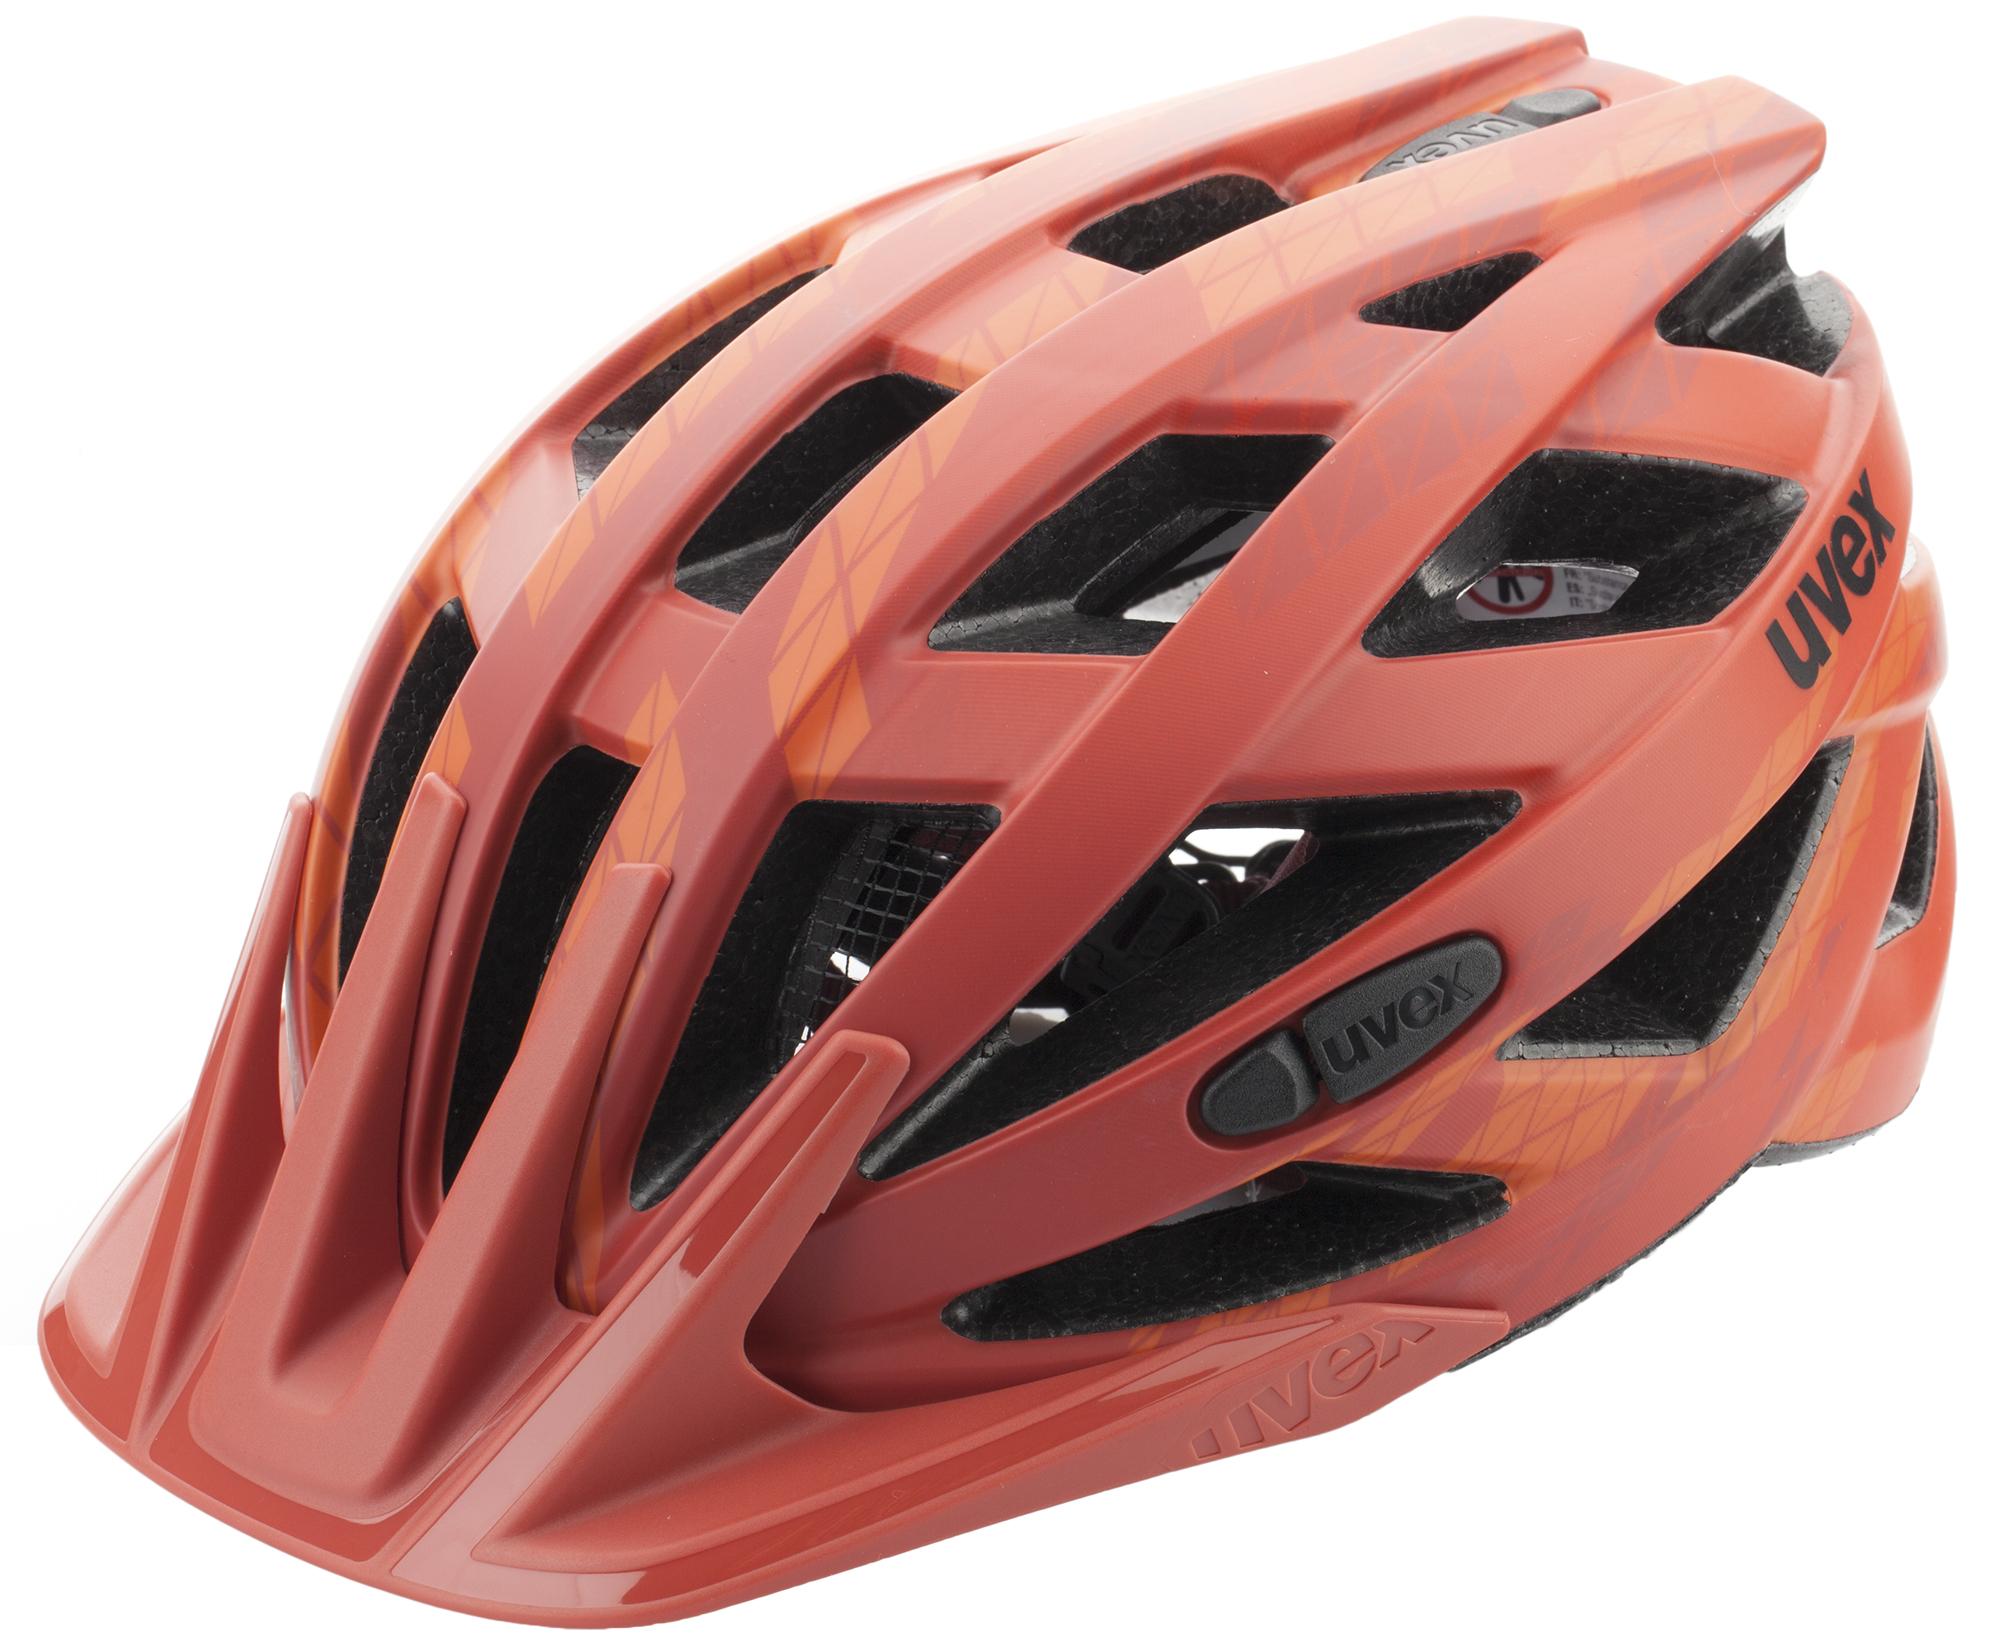 Uvex Шлем велосипедный Uvex i-vo cc